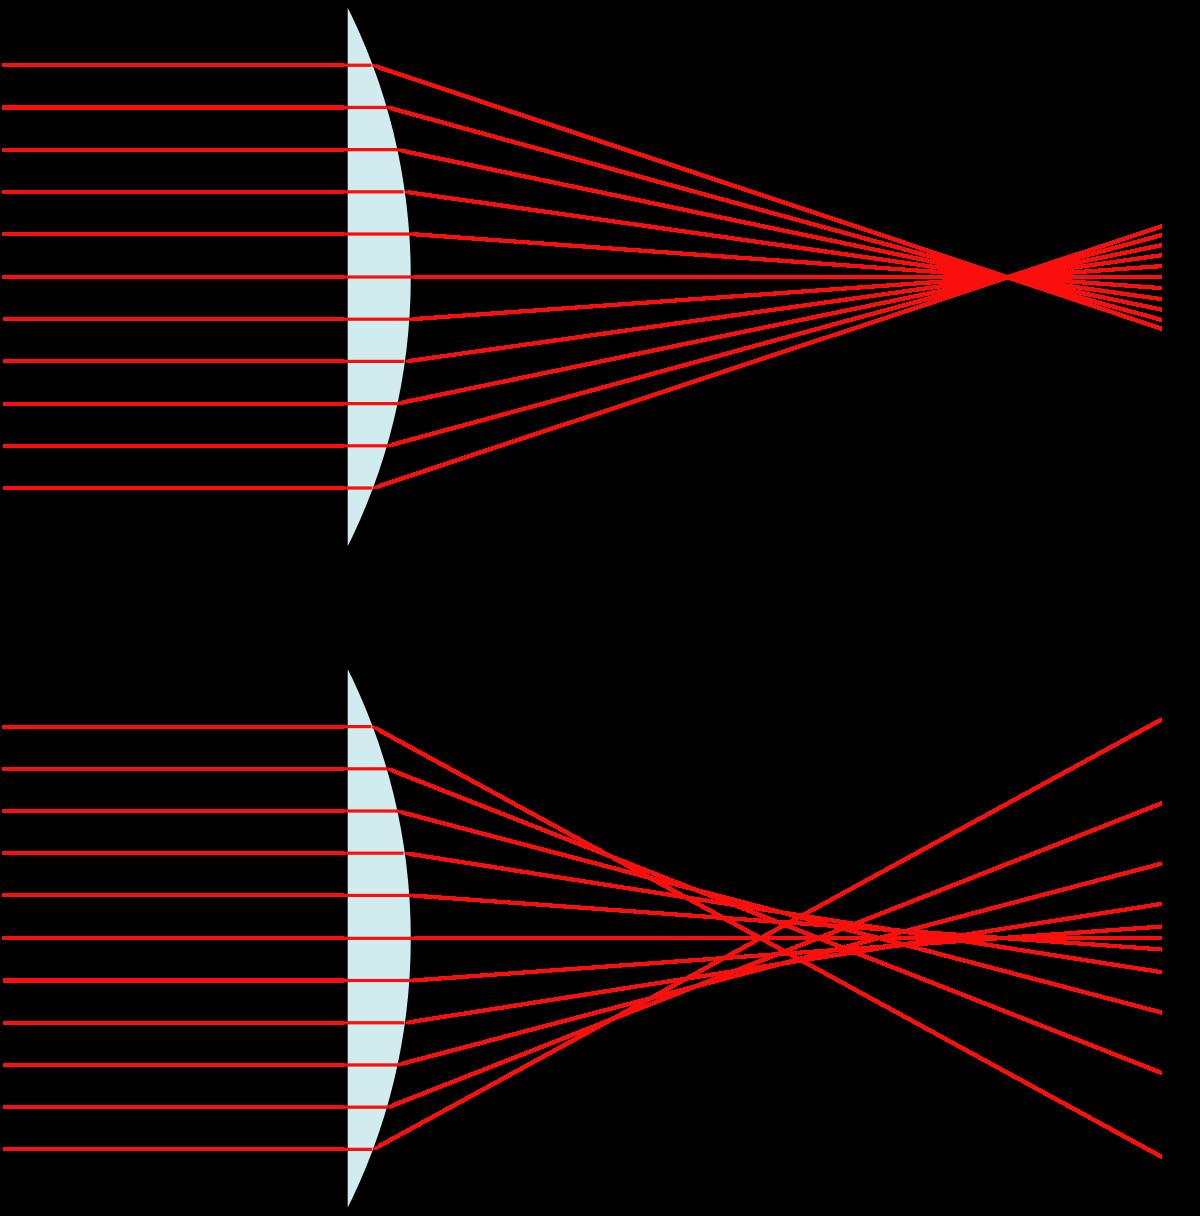 ecuación matemática sobre fenómeno óptico